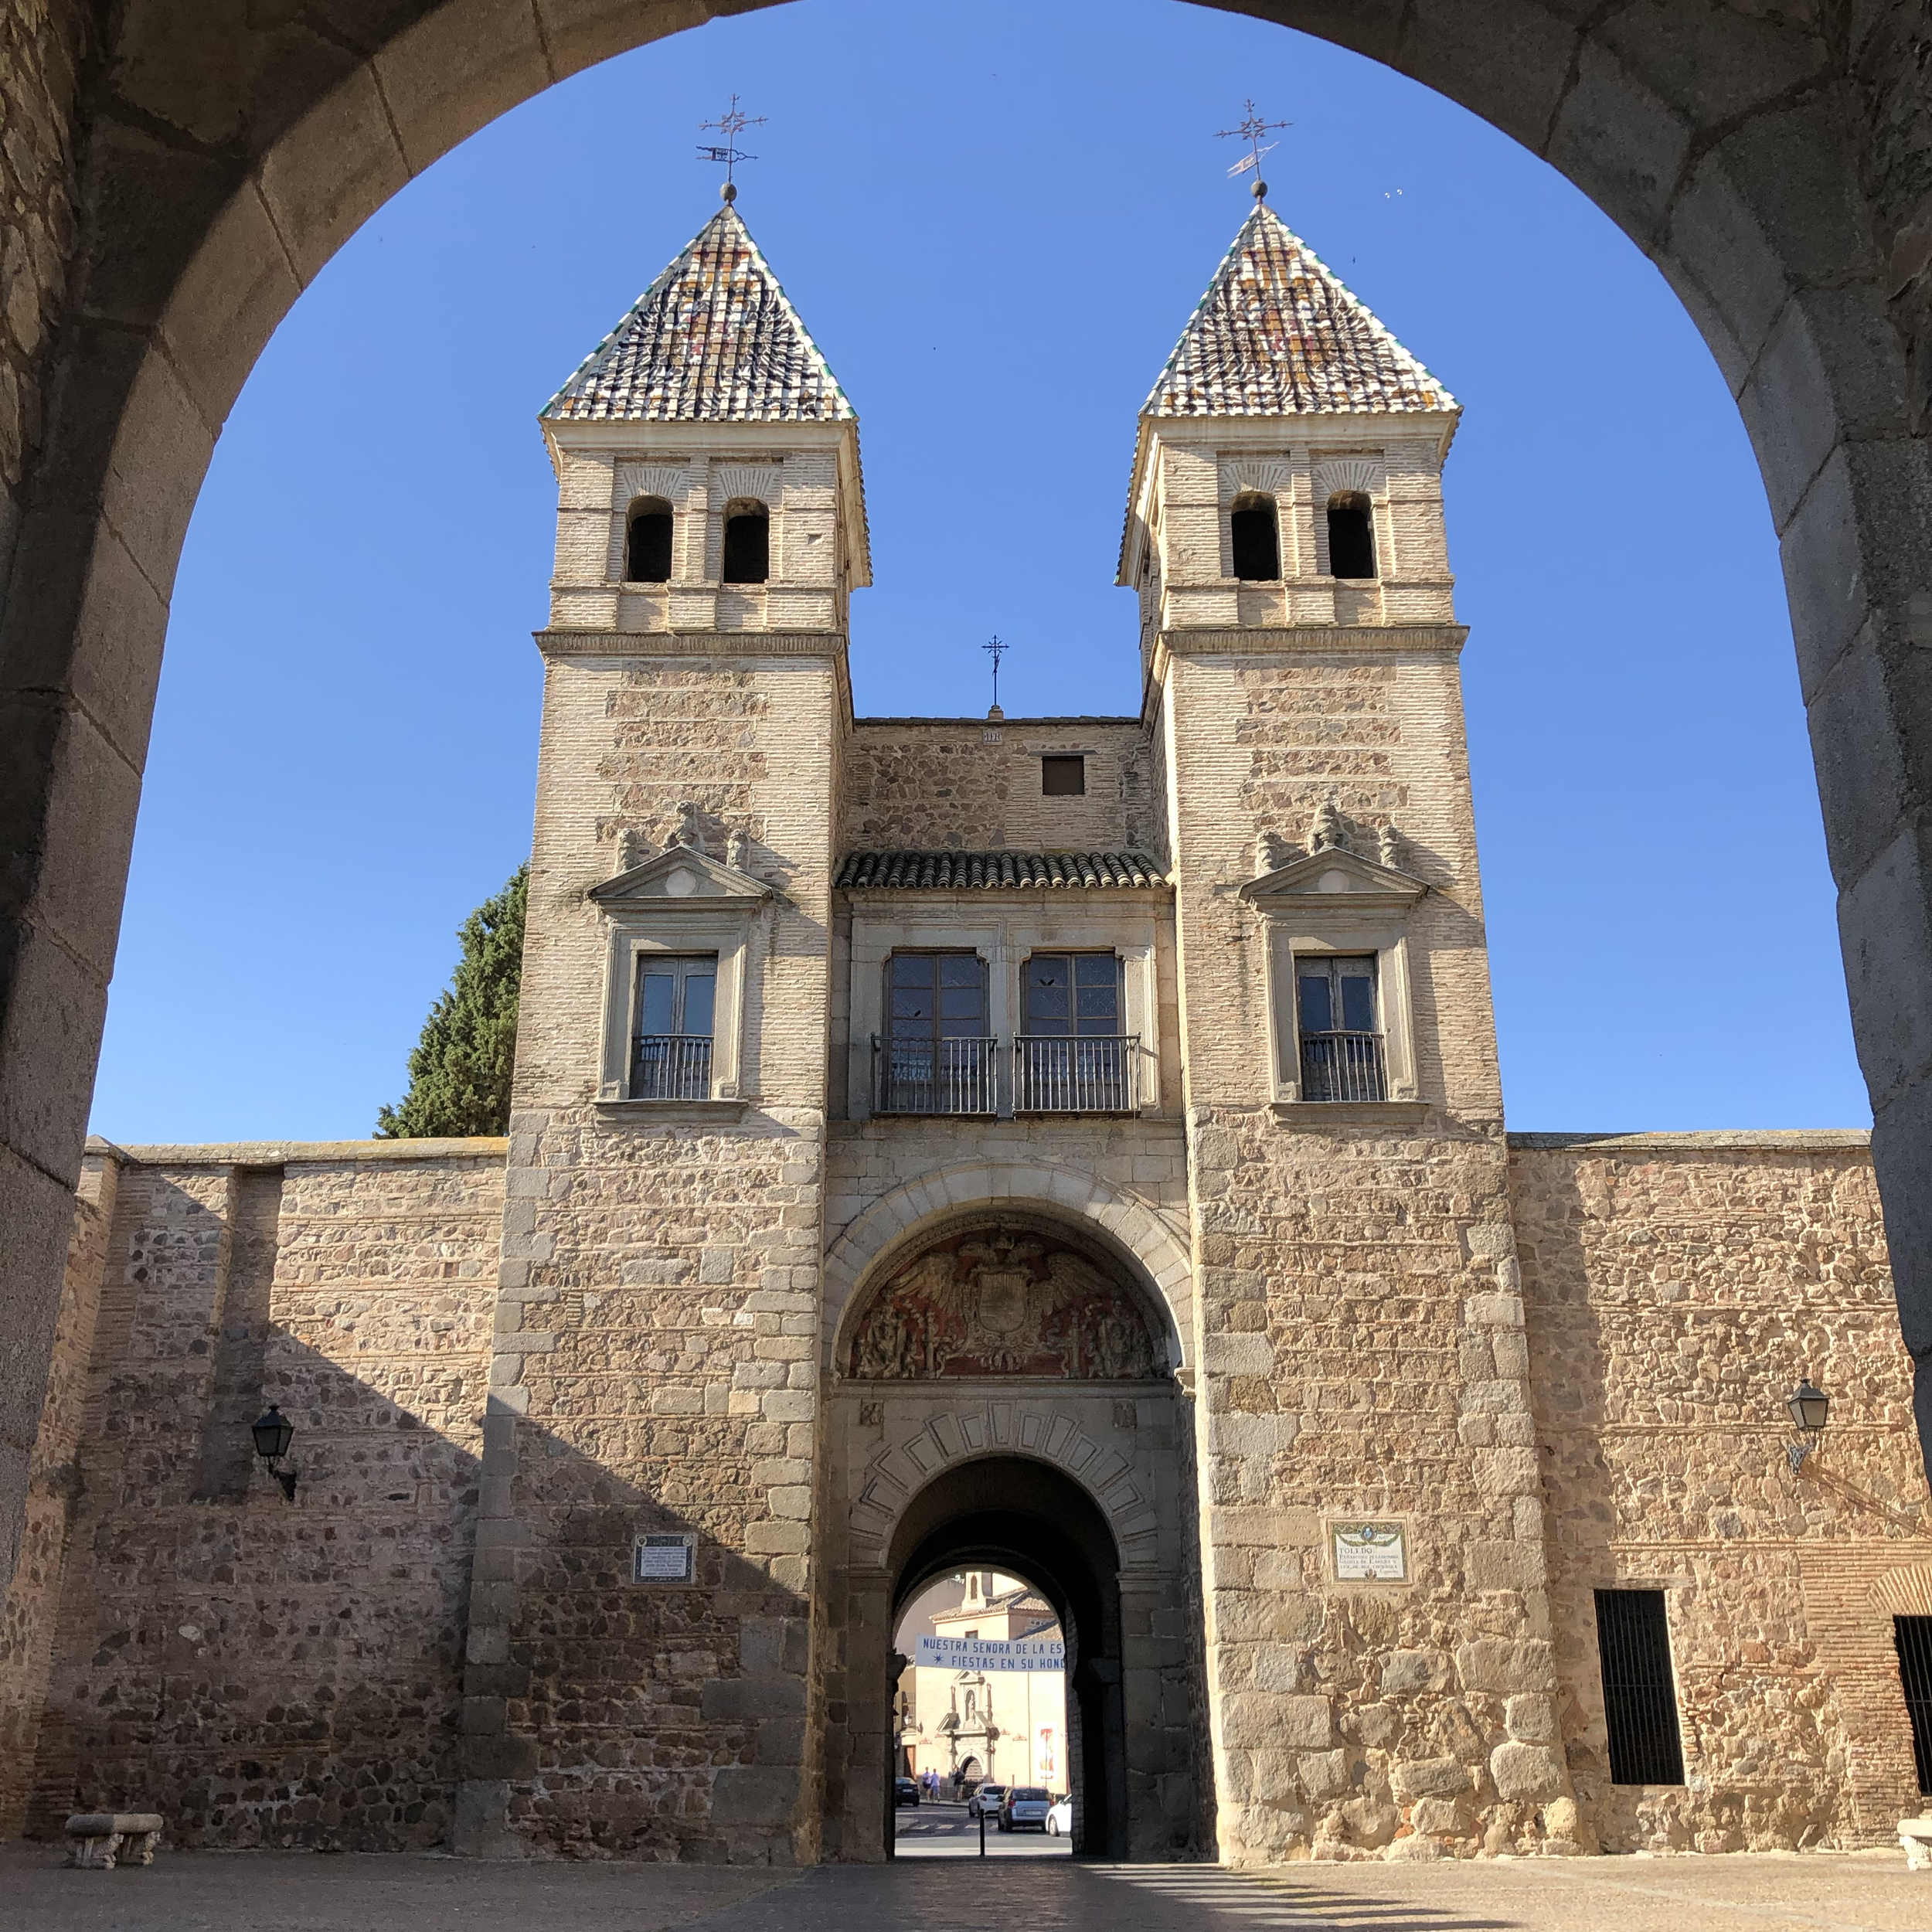 Parte interior de la Puerta de Bisagra.